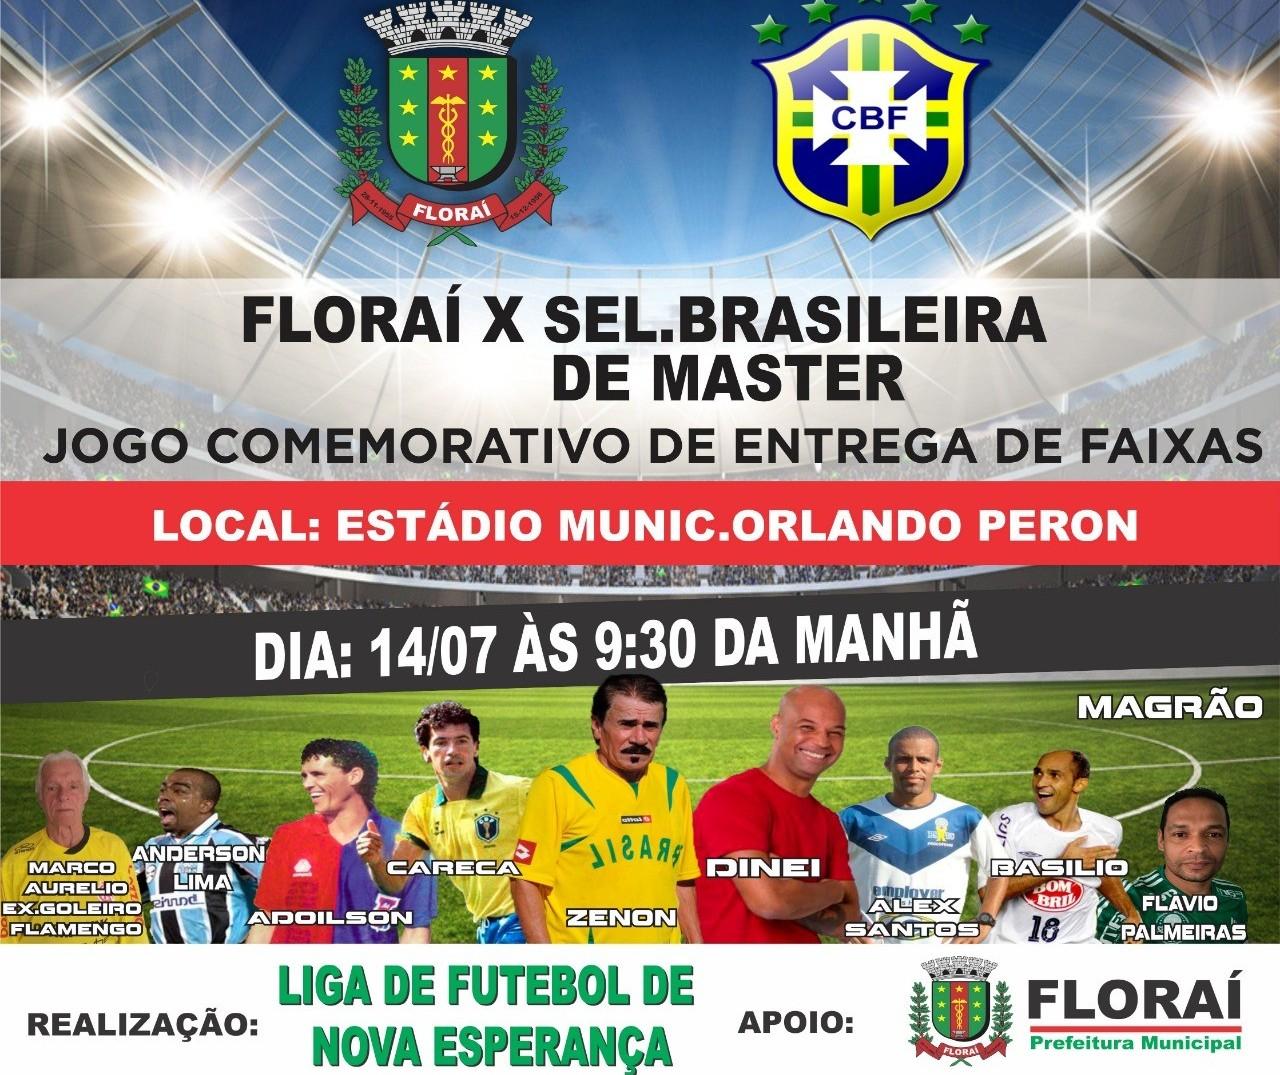 Floraí enfrenta seleção brasileira master em jogo comemorativo